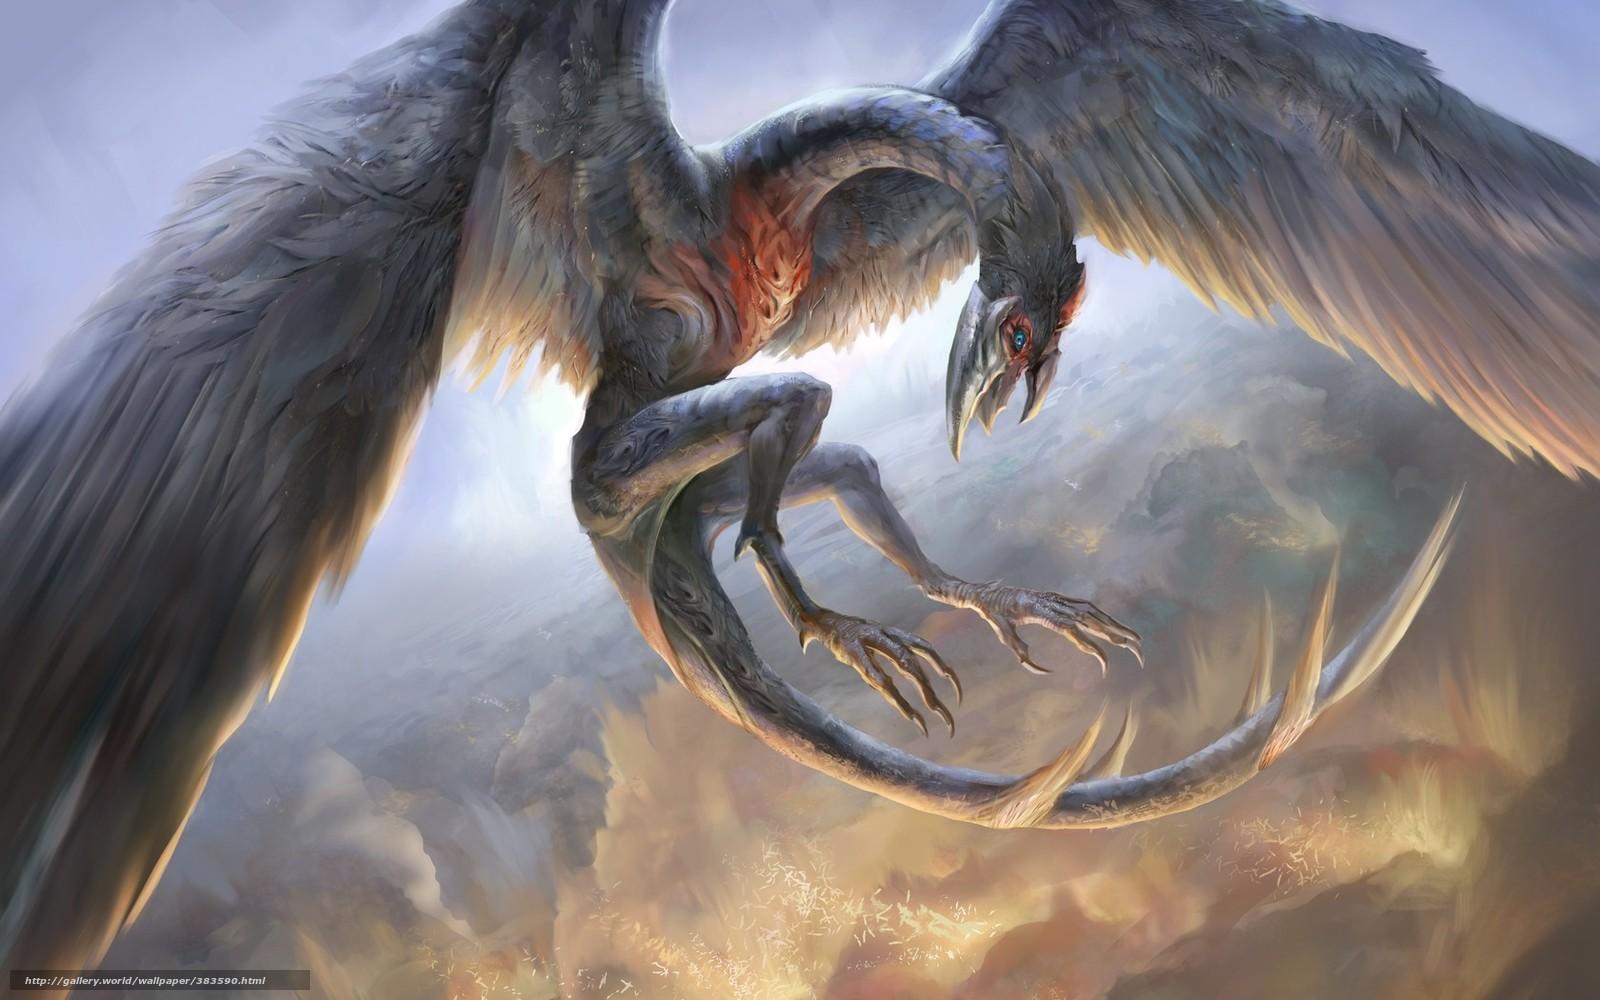 Dragon wallpaper xxxx naked image